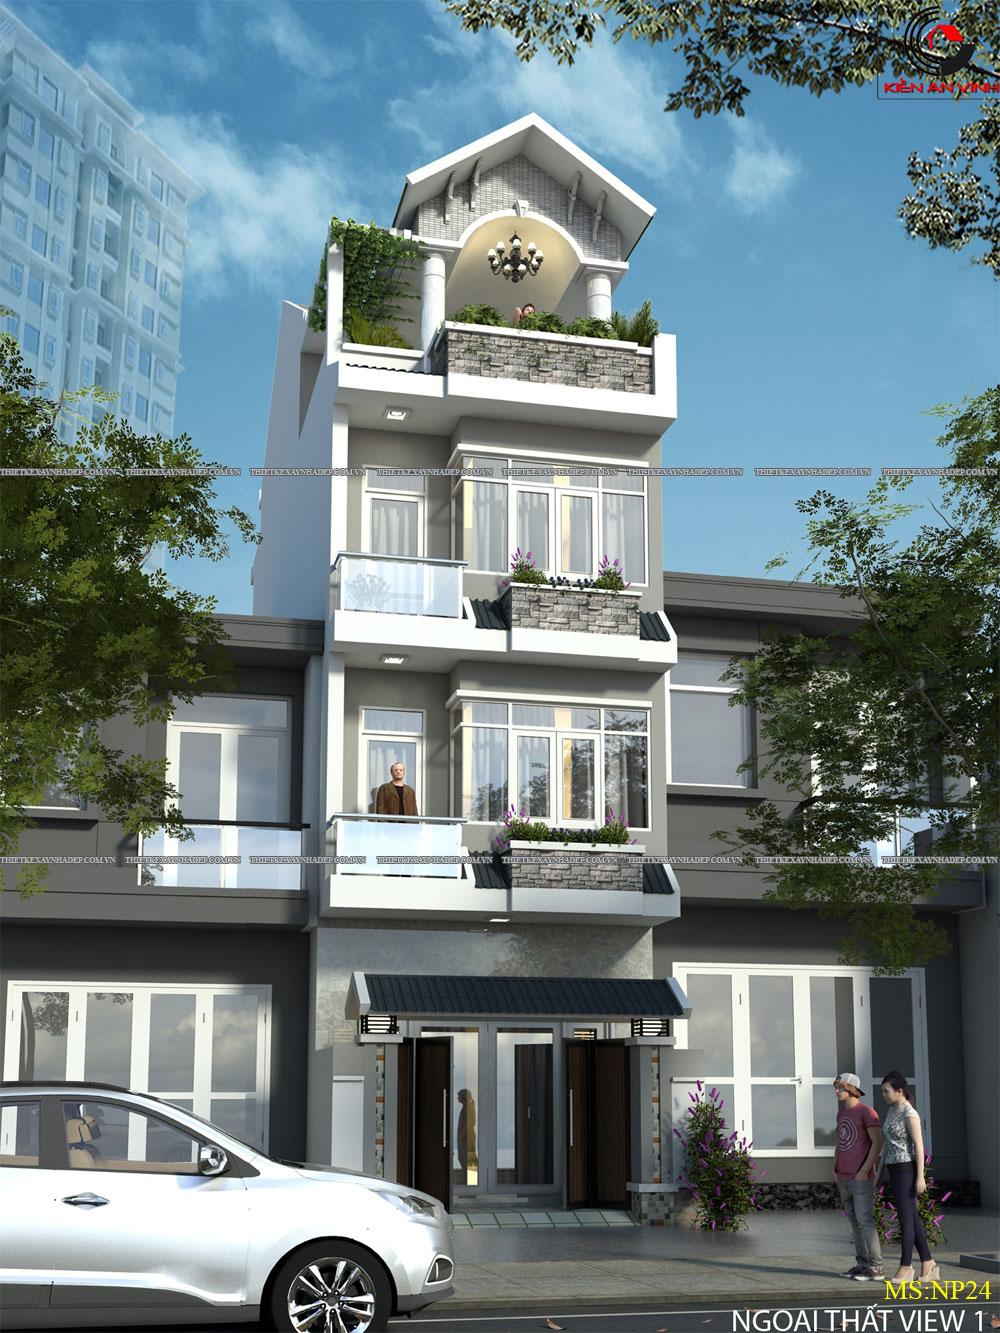 Mẫu thiết kế nhà 2 tầng 1 tum đẹp dt 5x20m ở tỉnh An Giang Thiet-ke-nha-2-tang-5x20